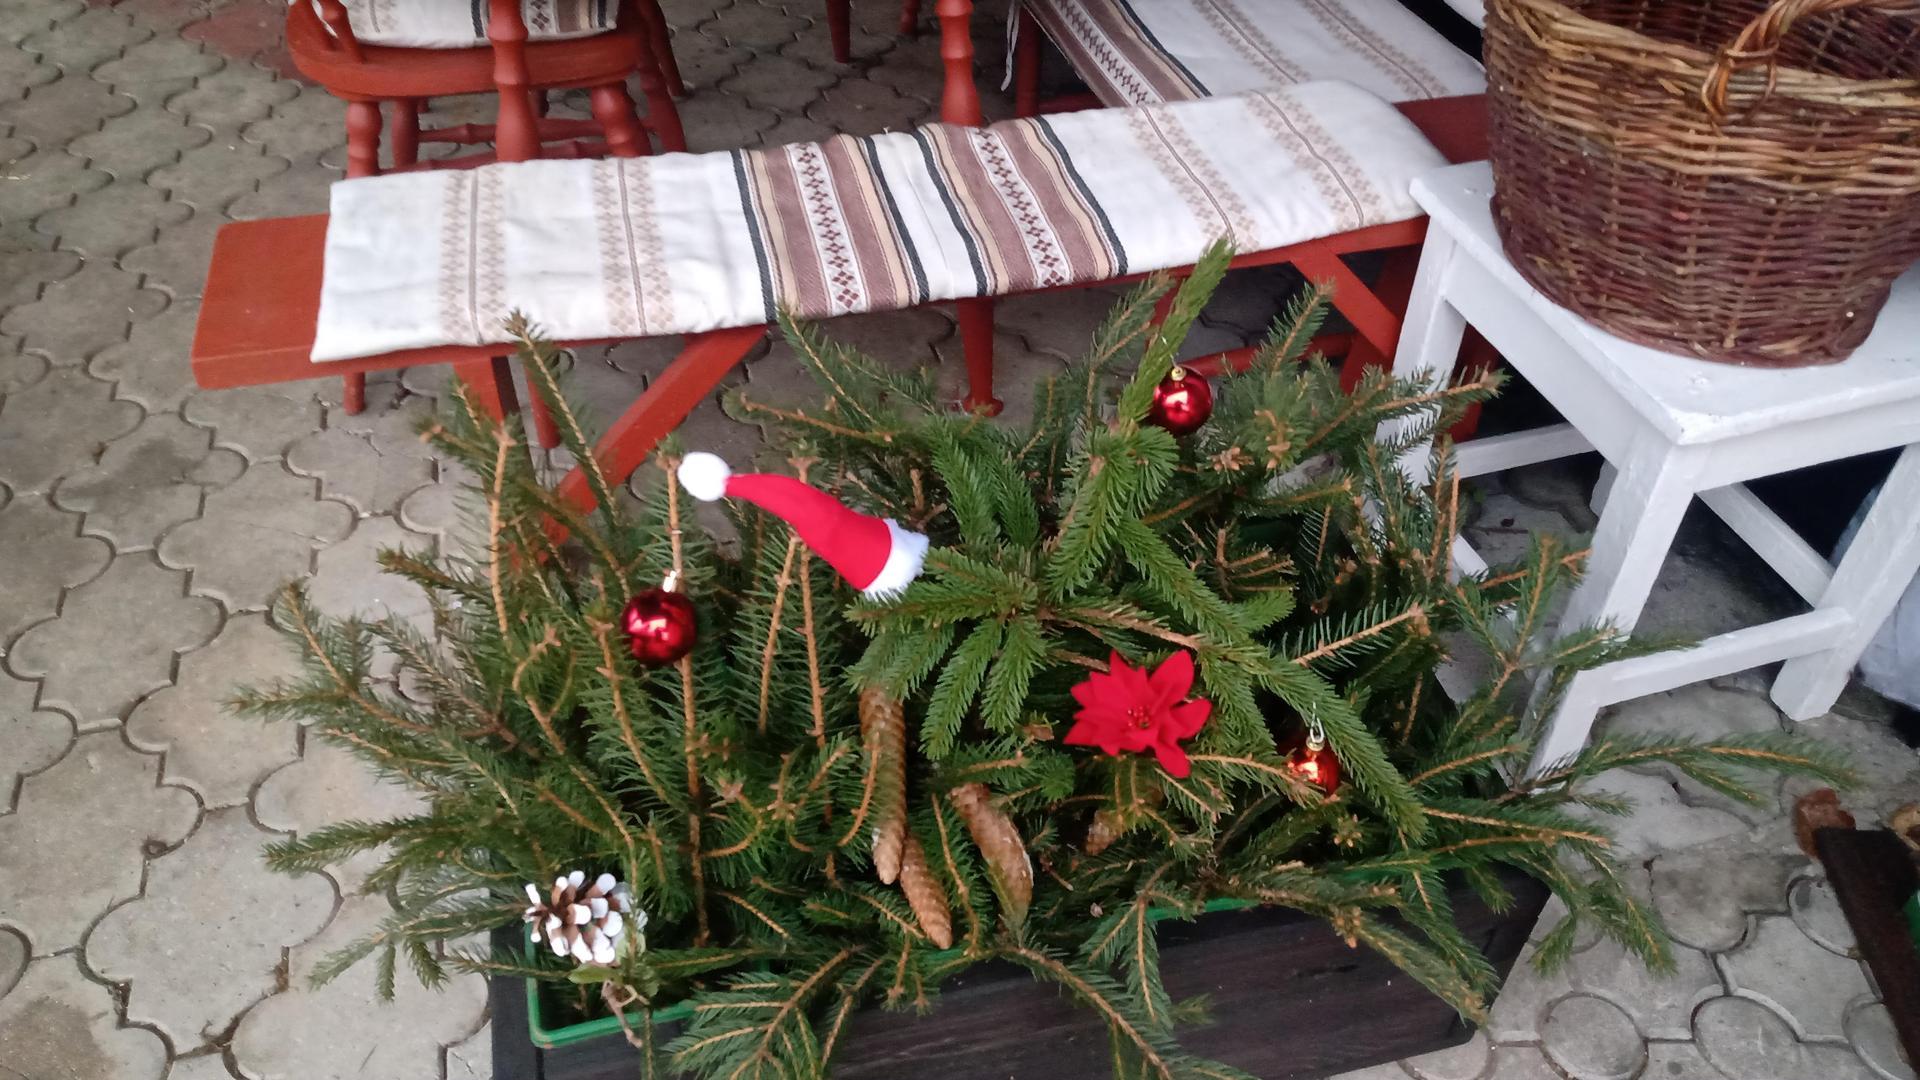 Vianocna vyzdoba a vianocne dekoracie 2020 - Obrázok č. 19